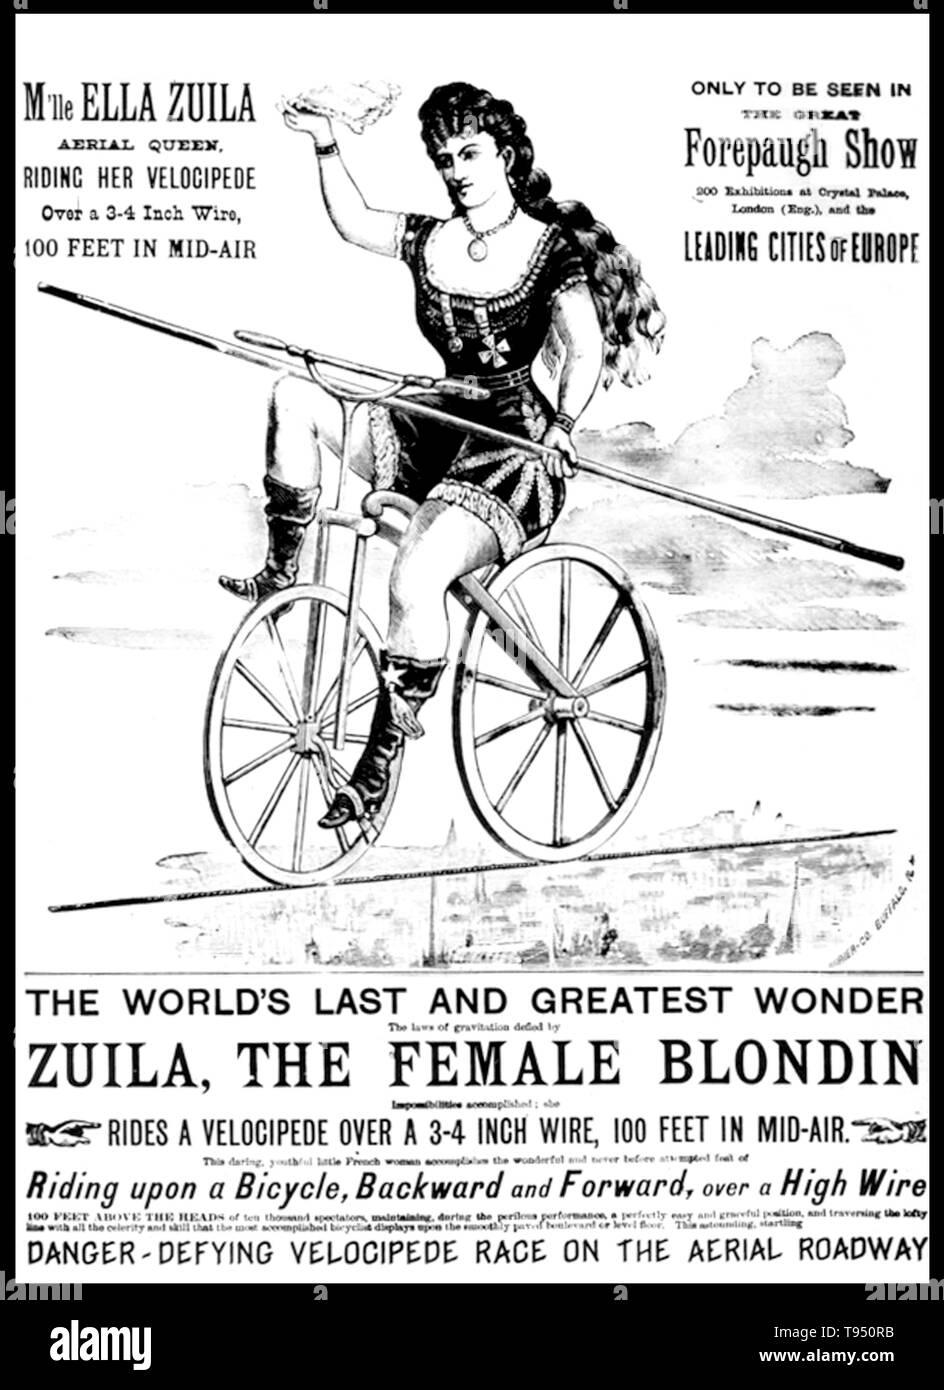 Ella Zuila (fallecido en 1926) fue el más famoso artista público australiano de su tiempo. Ella no sólo caminar por el alambre; ella movida; un niño con ruedas sobre él en un barrow; caminó en zancos y con un cuerpo completo de vendas y, en una ocasión memorable, colgado de ella por sus rodillas para coger su disparó-fuera-de-un-Cannon, esposo, George Royal. Su carrera llegó a un trágico final en Dublín, el 26 de agosto de 1904, cuando ella y su triciclo cayó del alambre alto en la habitación redonda de la rotonda. No hay red de seguridad, y ella era demasiado mal herido nunca a realizar nuevamente. Ella murió en 1926. Foto de stock